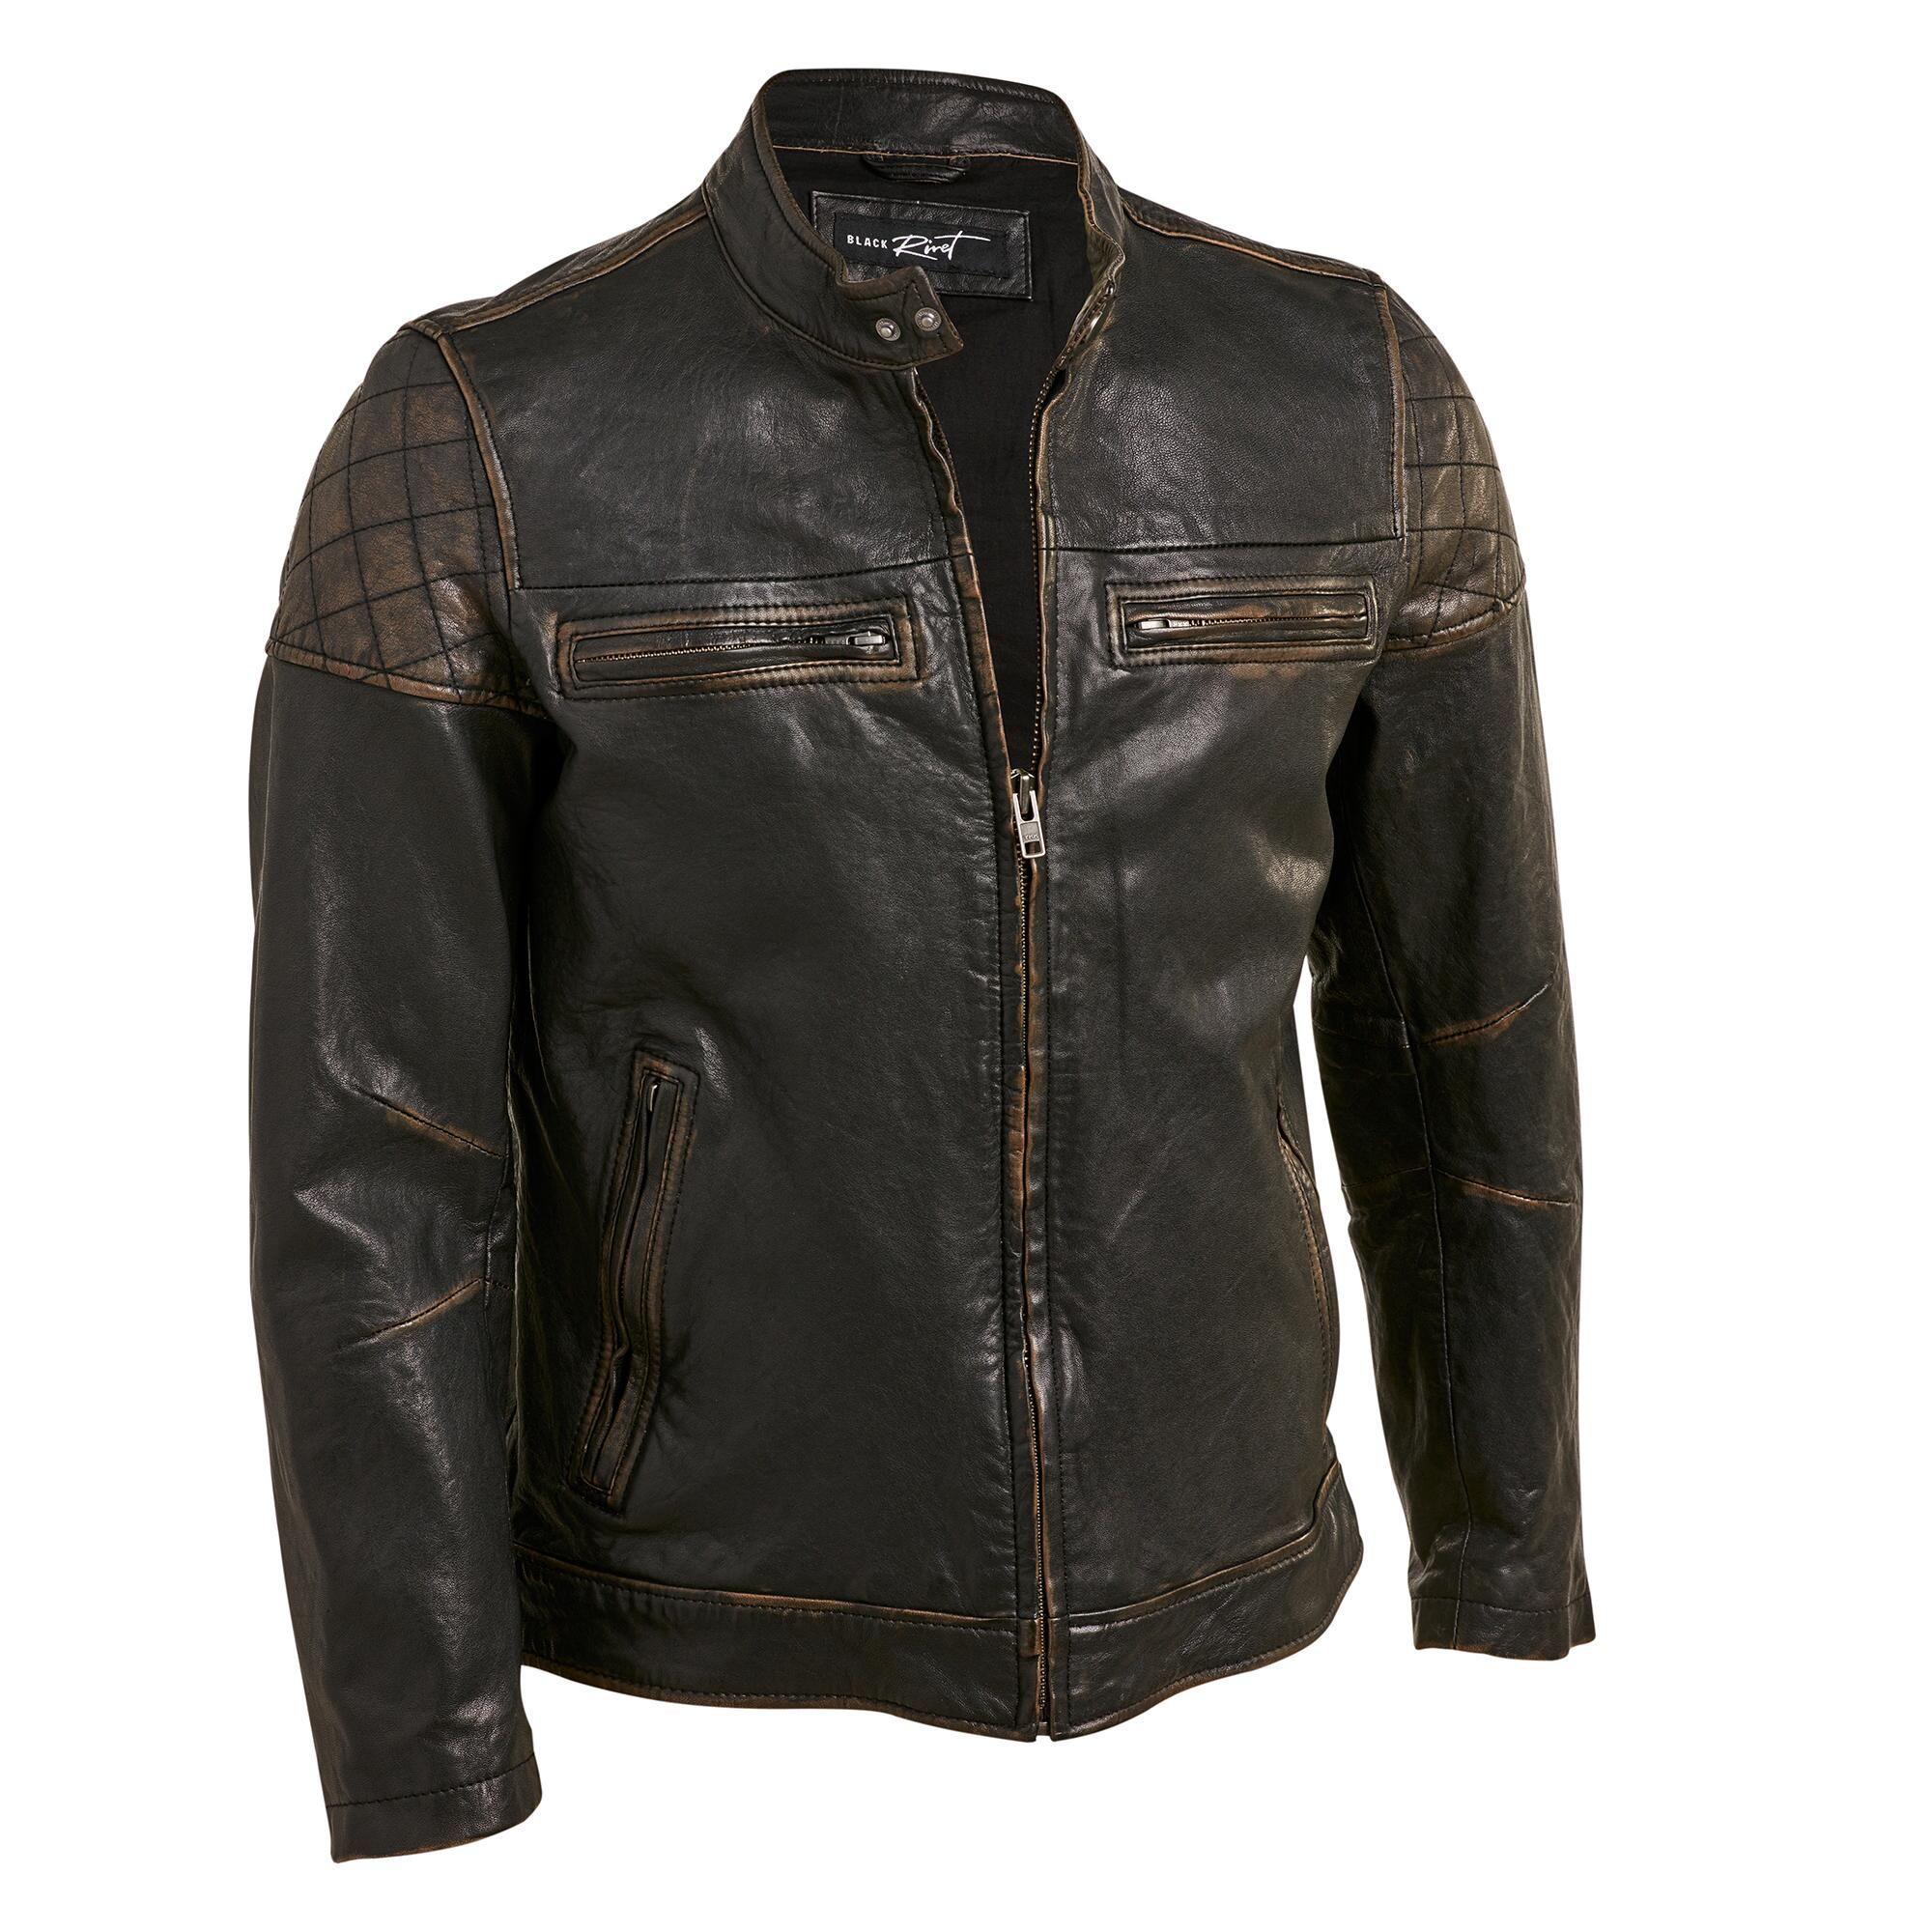 d2dd79a512 Black Rivet Leather Jacket w/ Shoulder Diamond Quilting | Suits ...